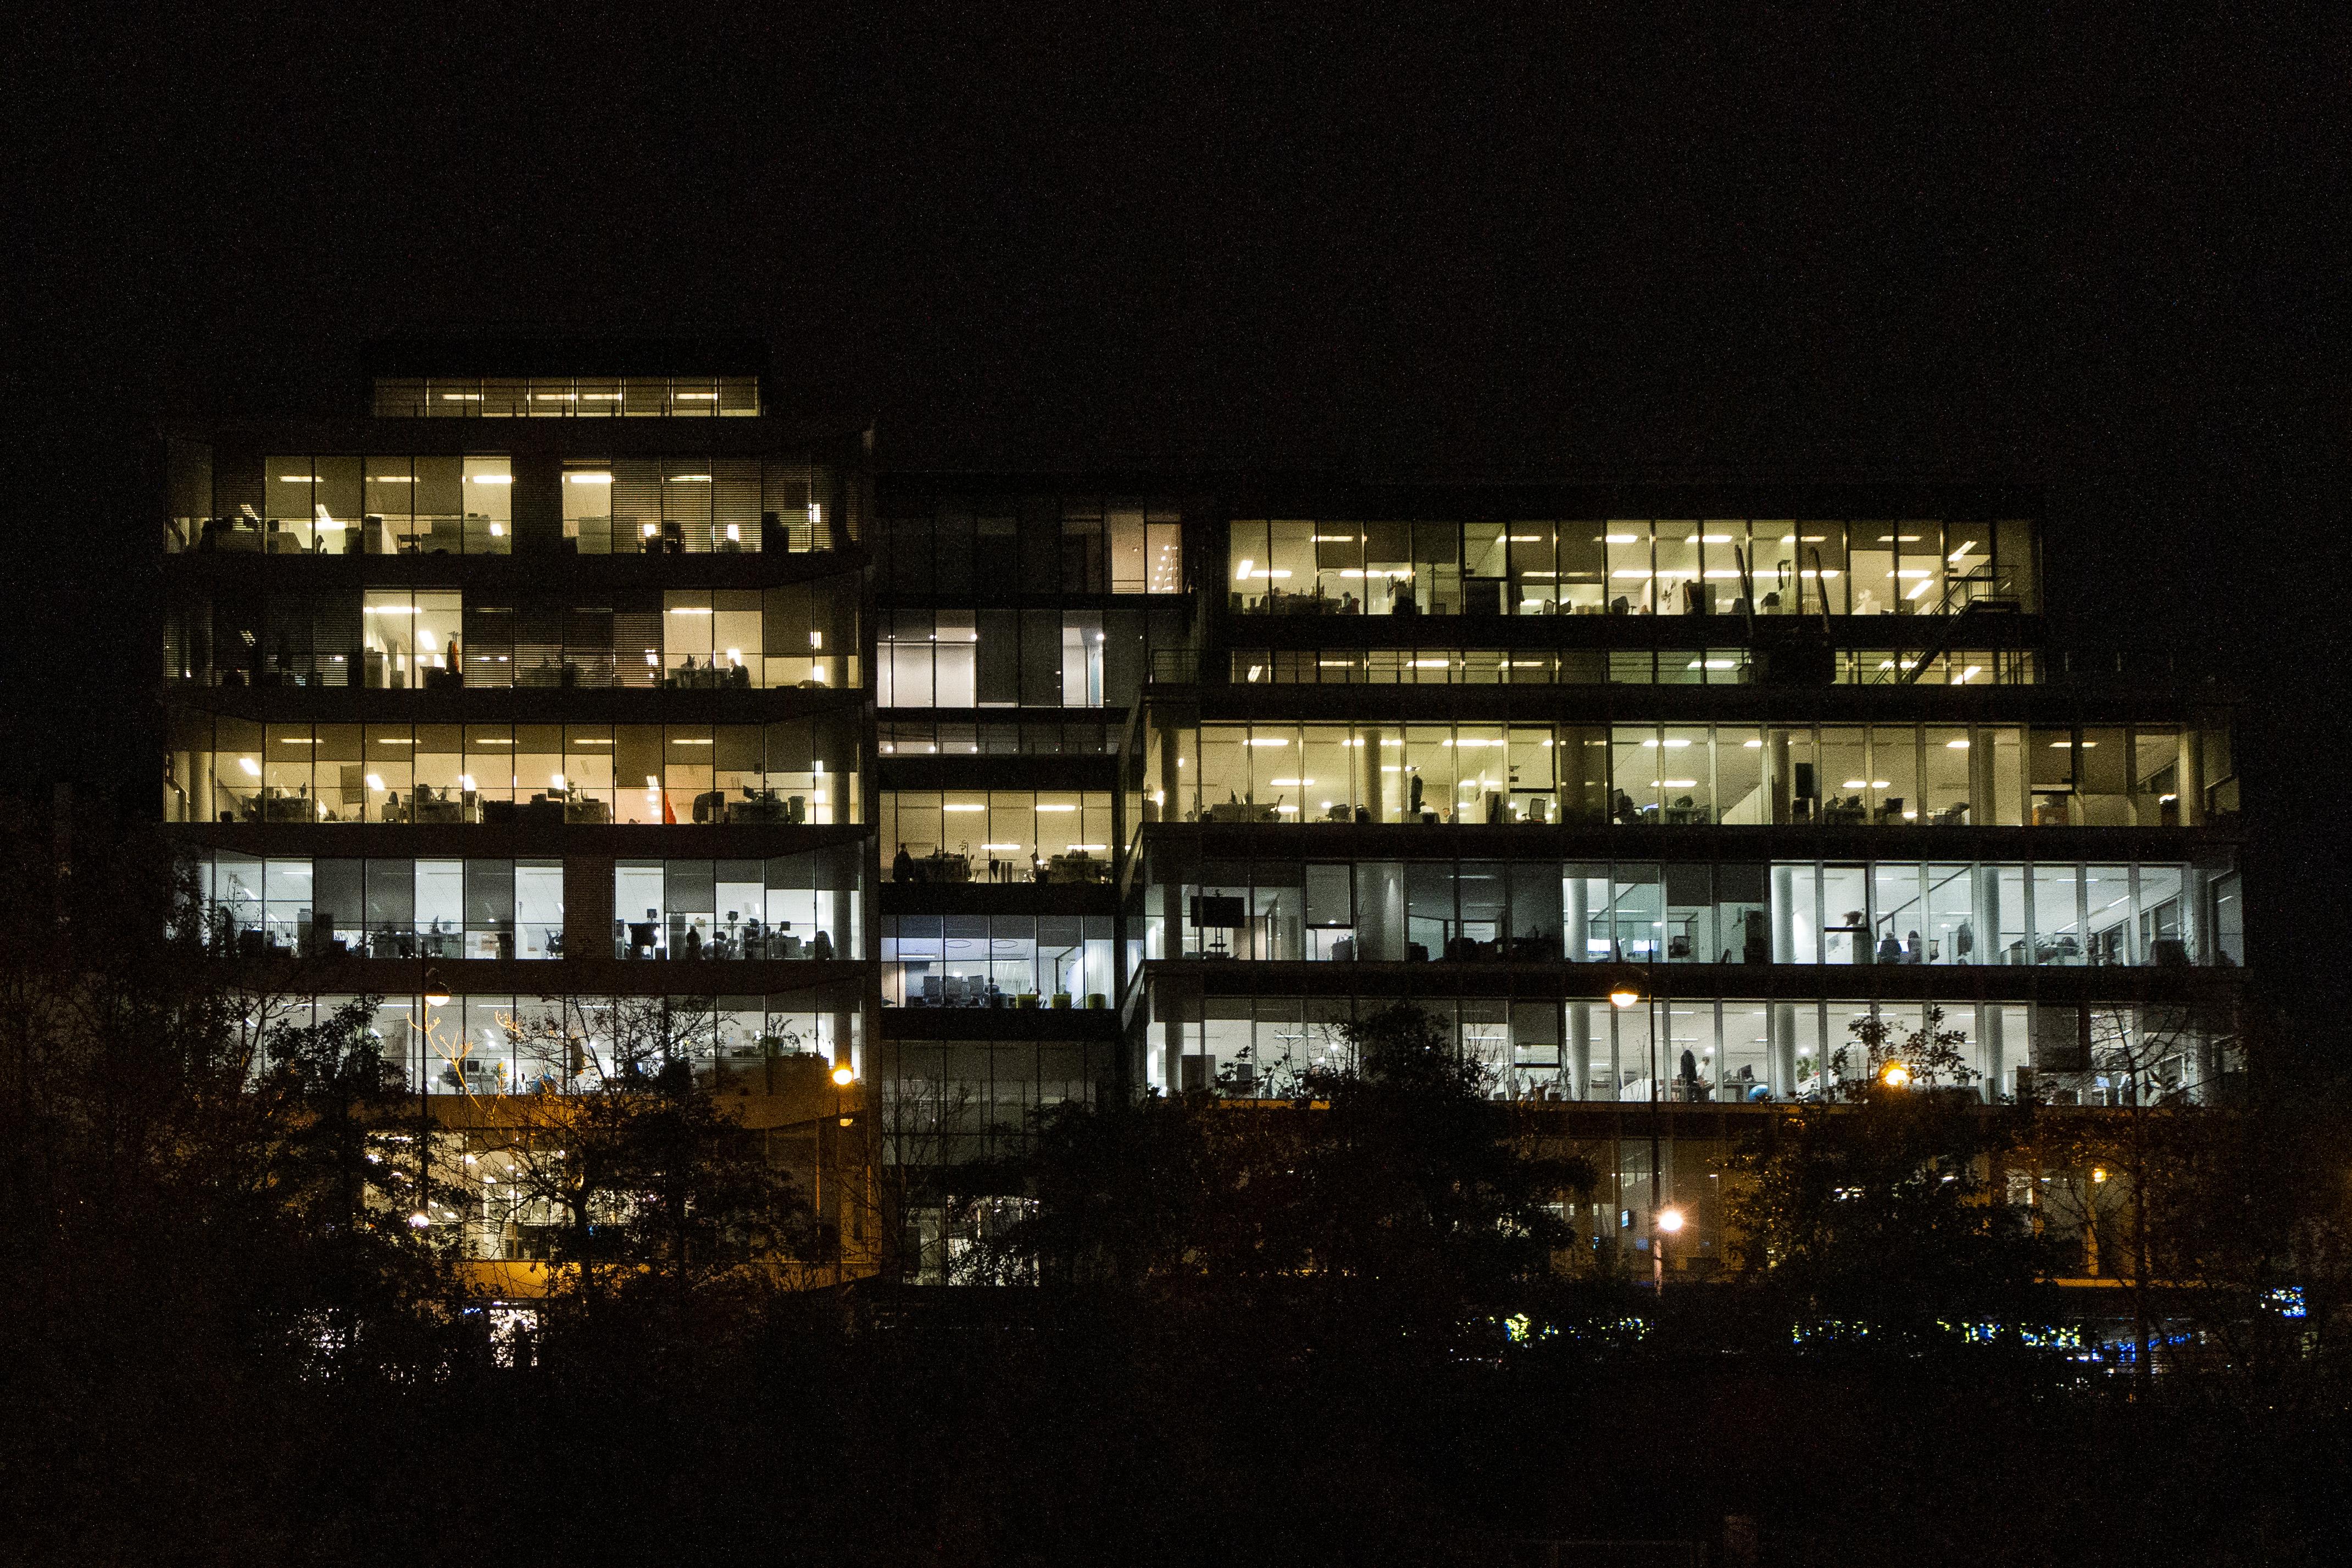 Heti 80 órás munkaóra-limitet akarnak a Goldman Sachs pályakezdői